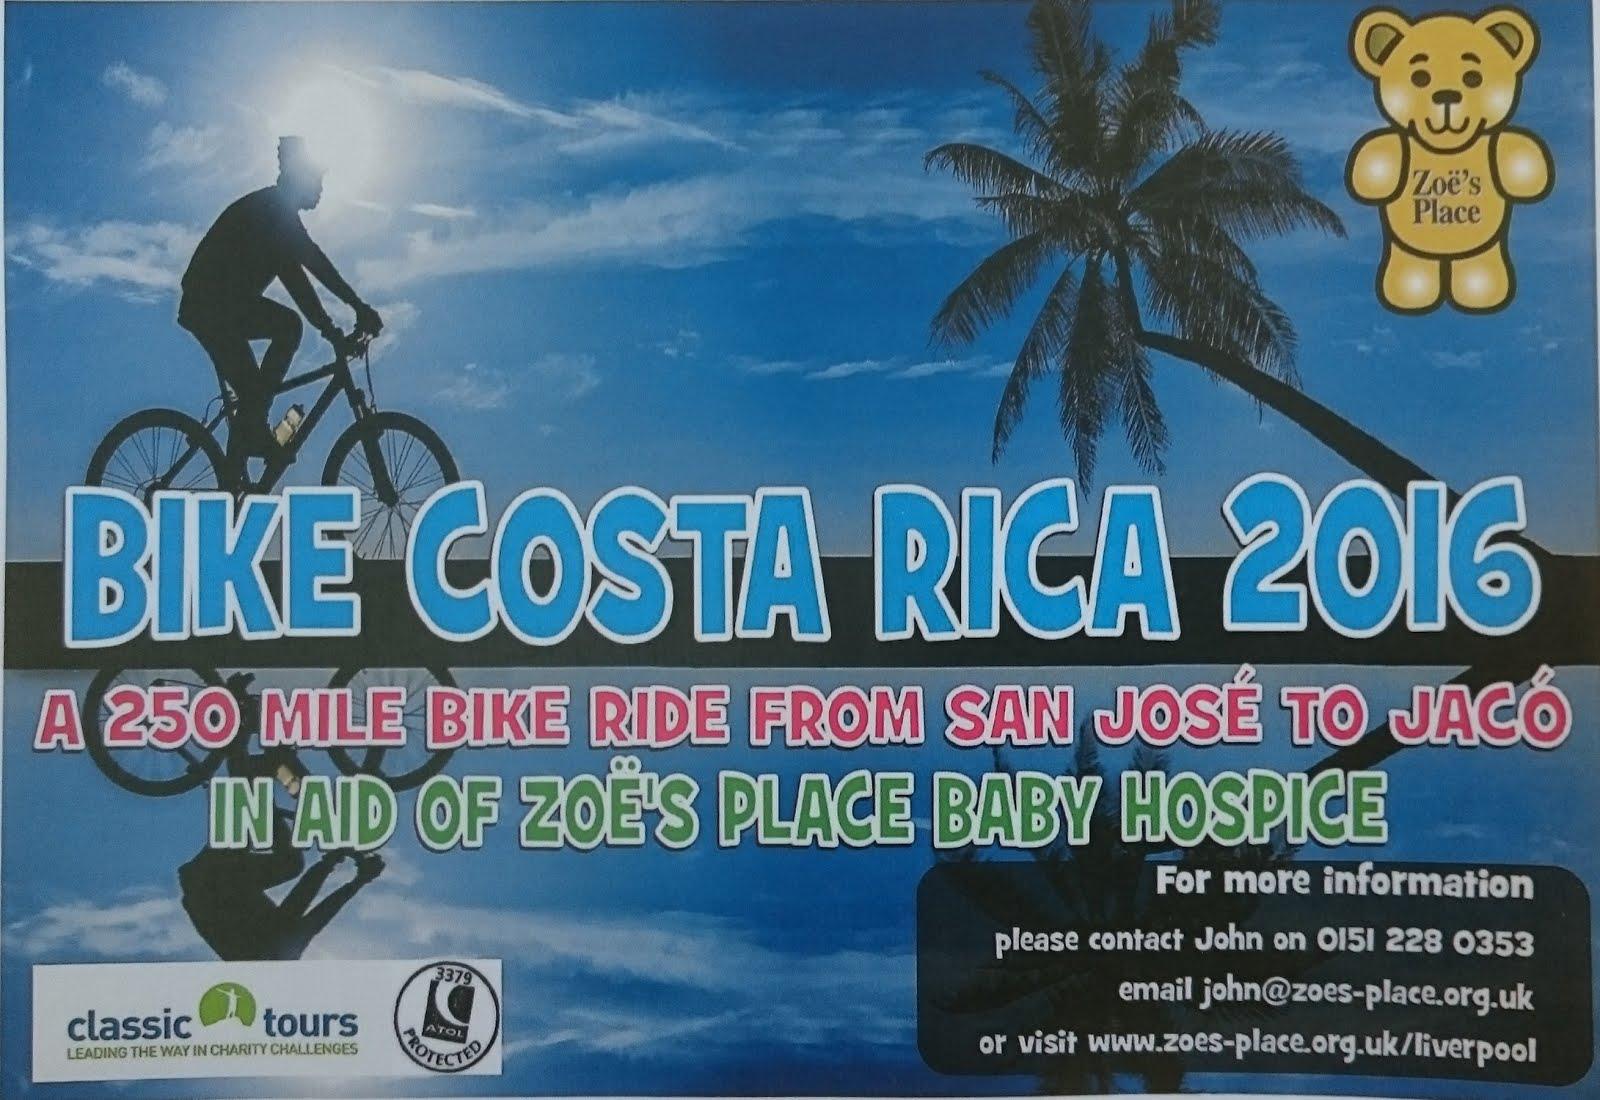 Bike Costa Rica 2016